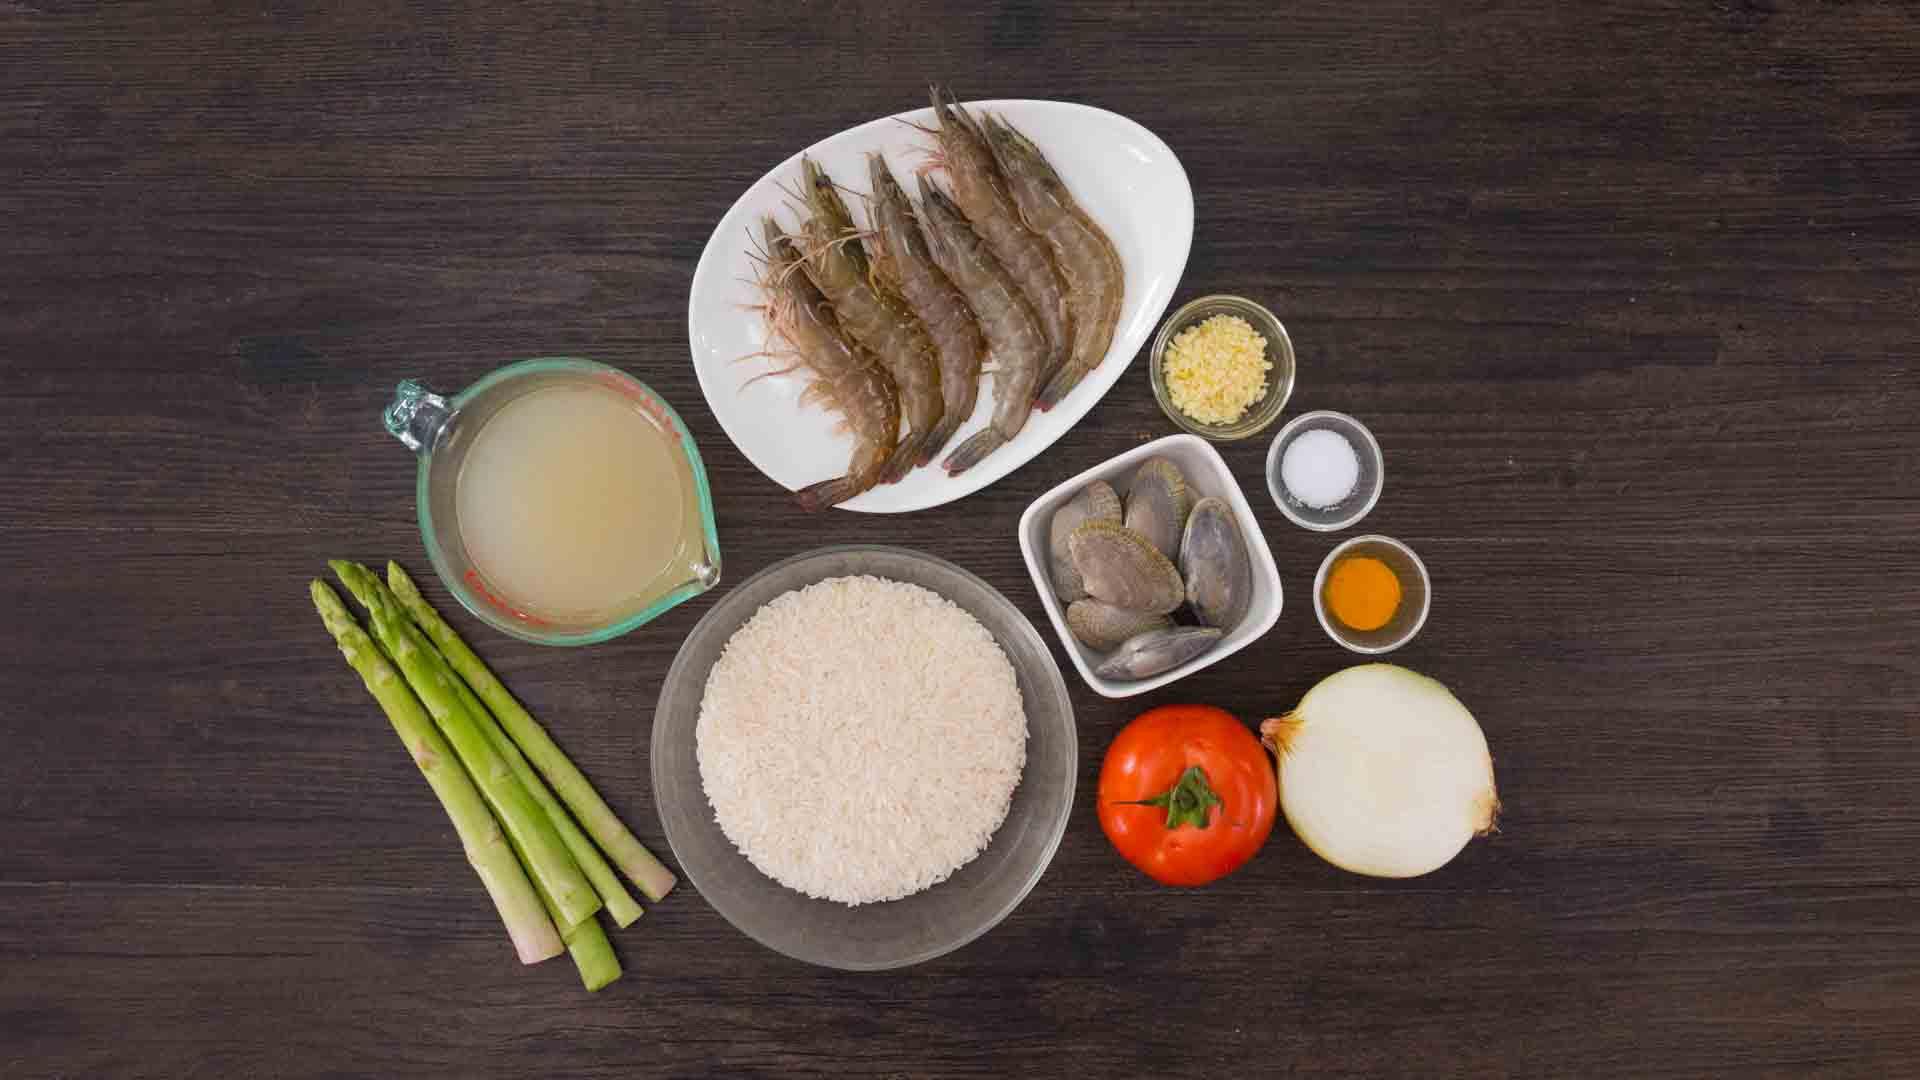 Học người Ý cách nấu cơm hải sản ngon ngất ngây ăn 1 lần là mê say - Hình 1